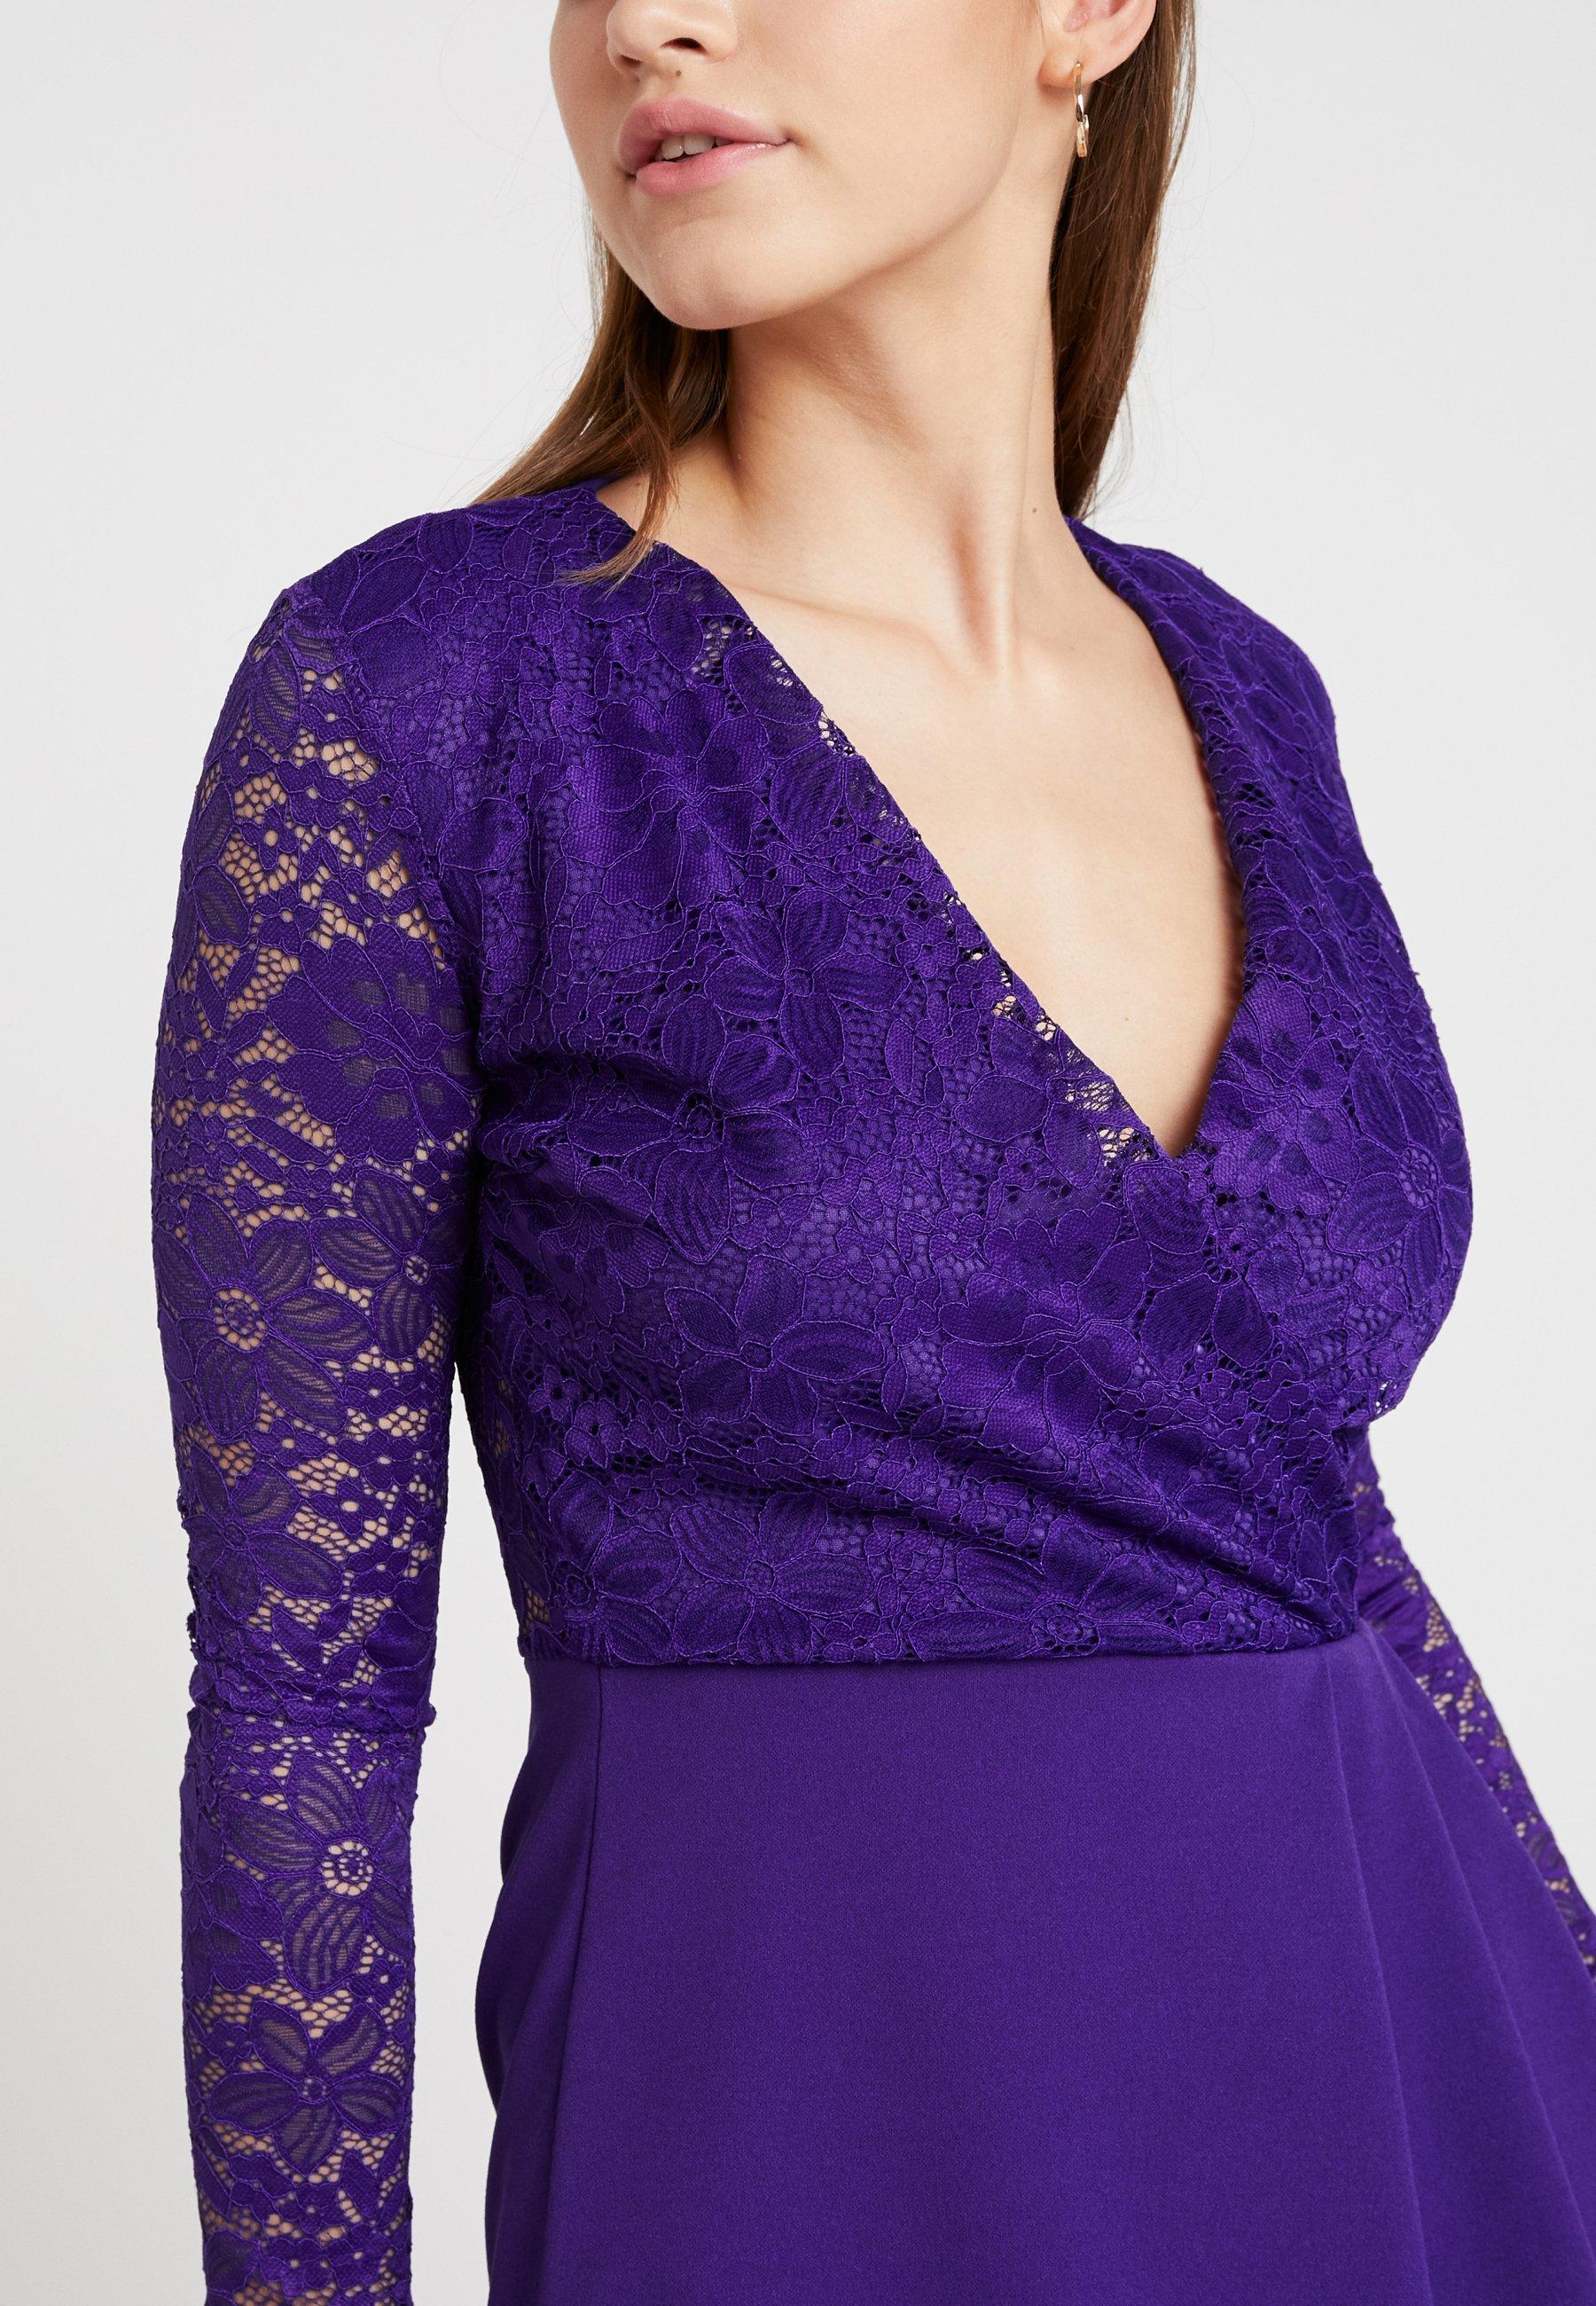 GVestito EleganteViola Wal Purple EleganteViola Wal Purple GVestito CBoQxdWre